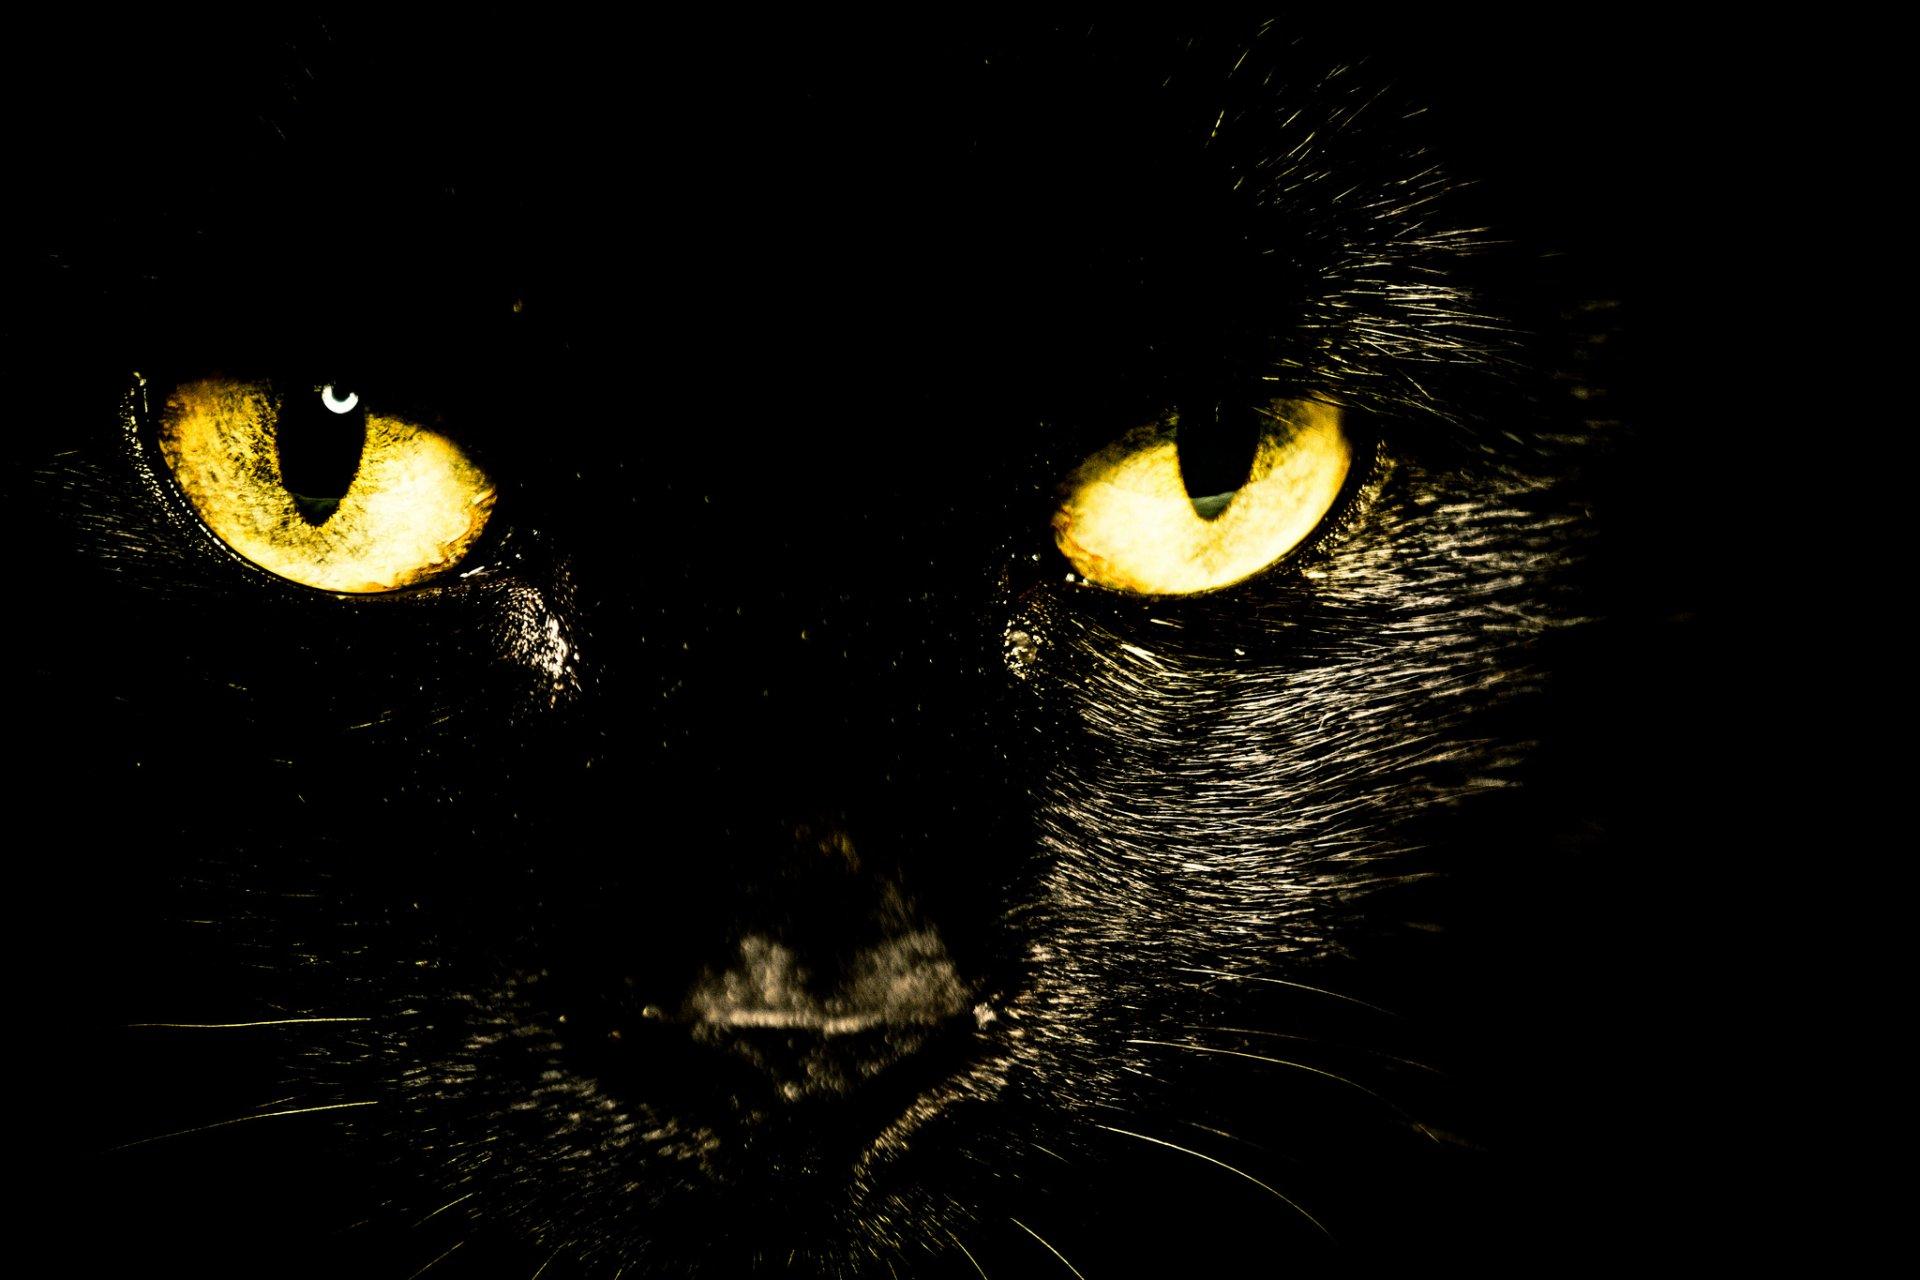 обои на рабочий стол глаза кошки на темном фоне № 237995 без смс